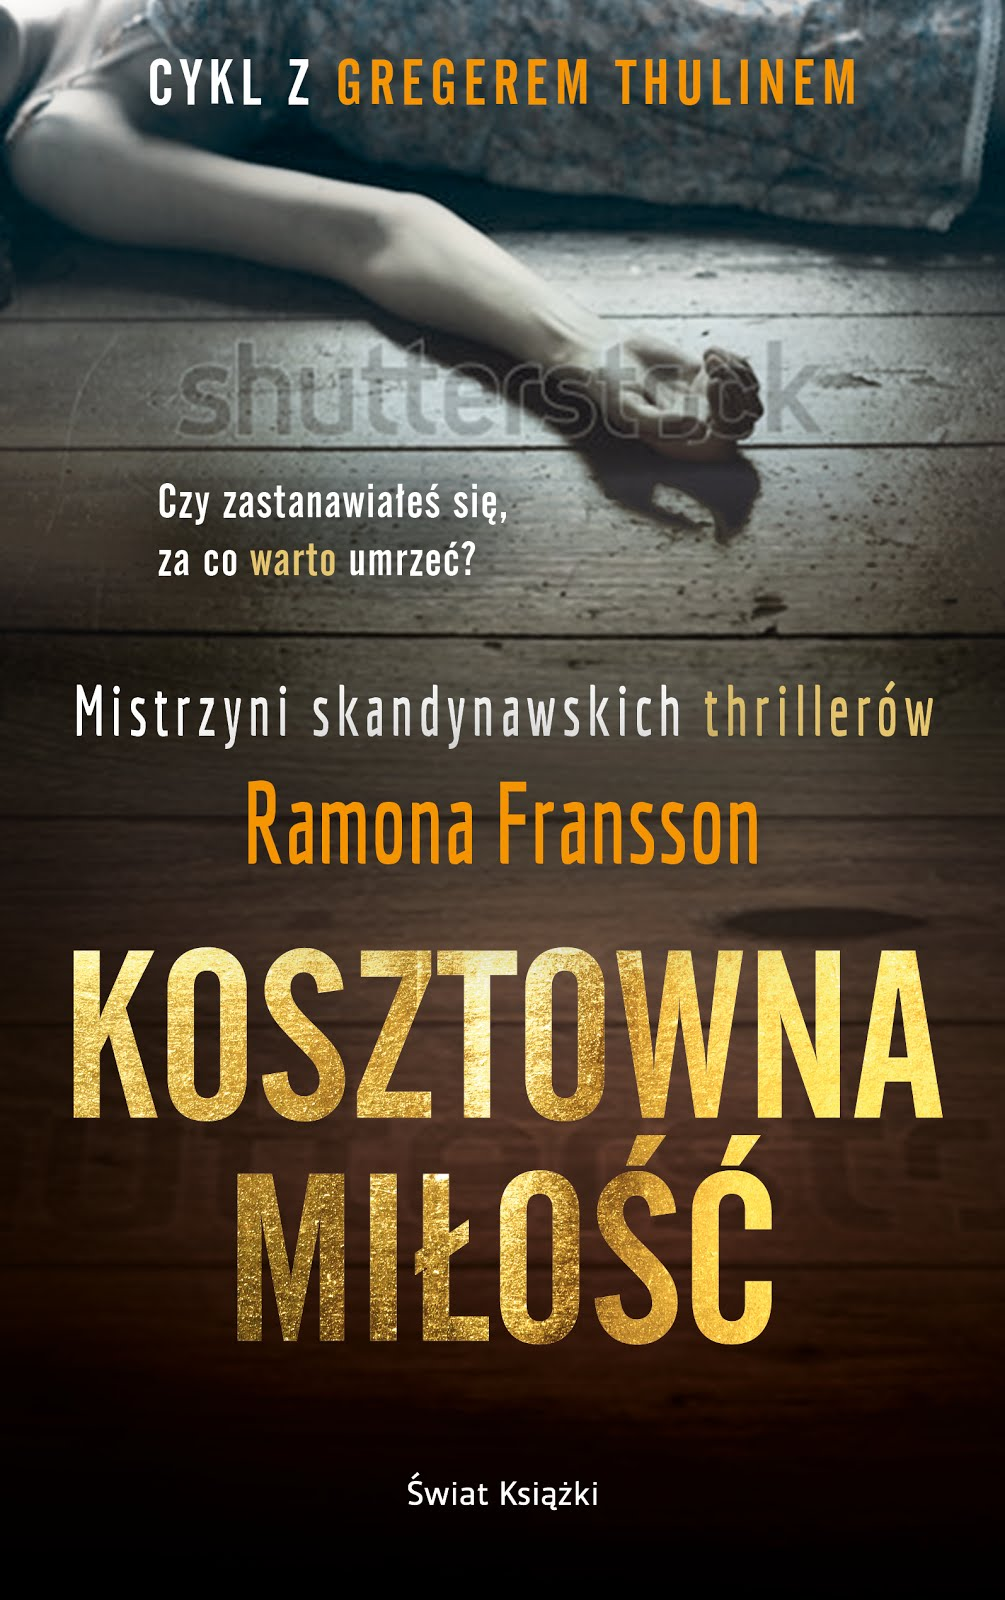 Dyrbar kärlek på polska.